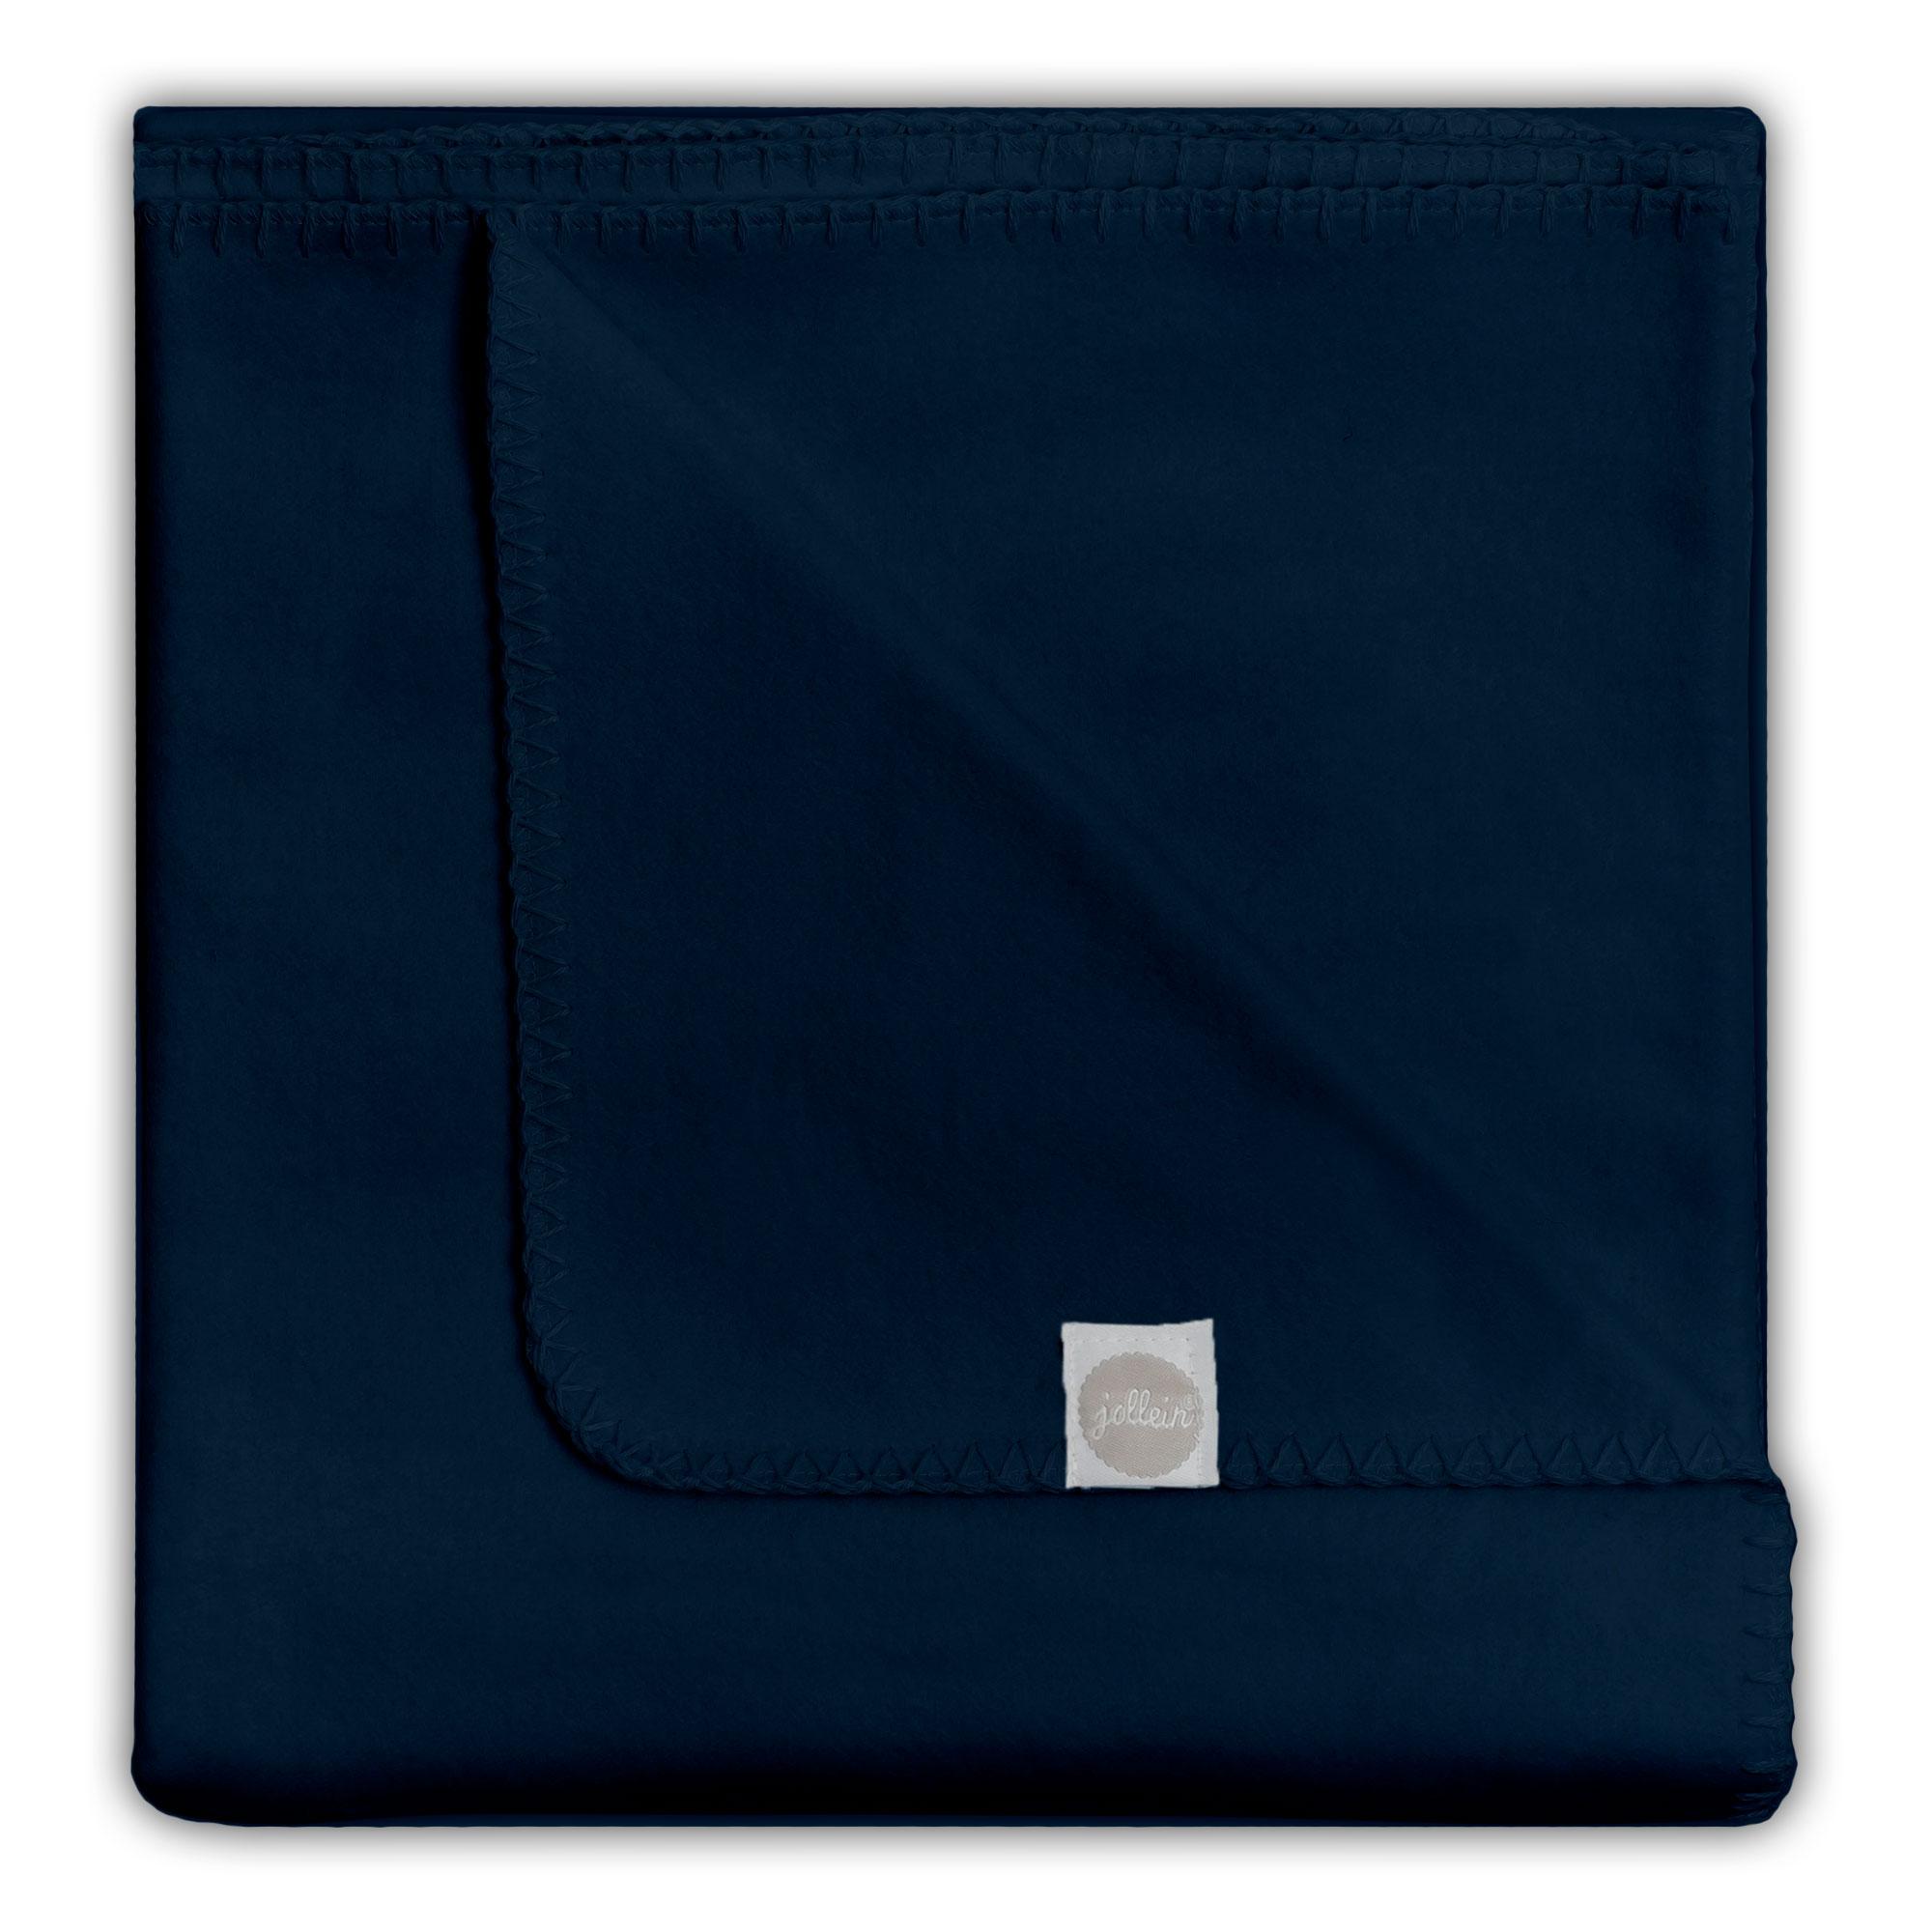 Decke Uni marine blau 75x100 cm